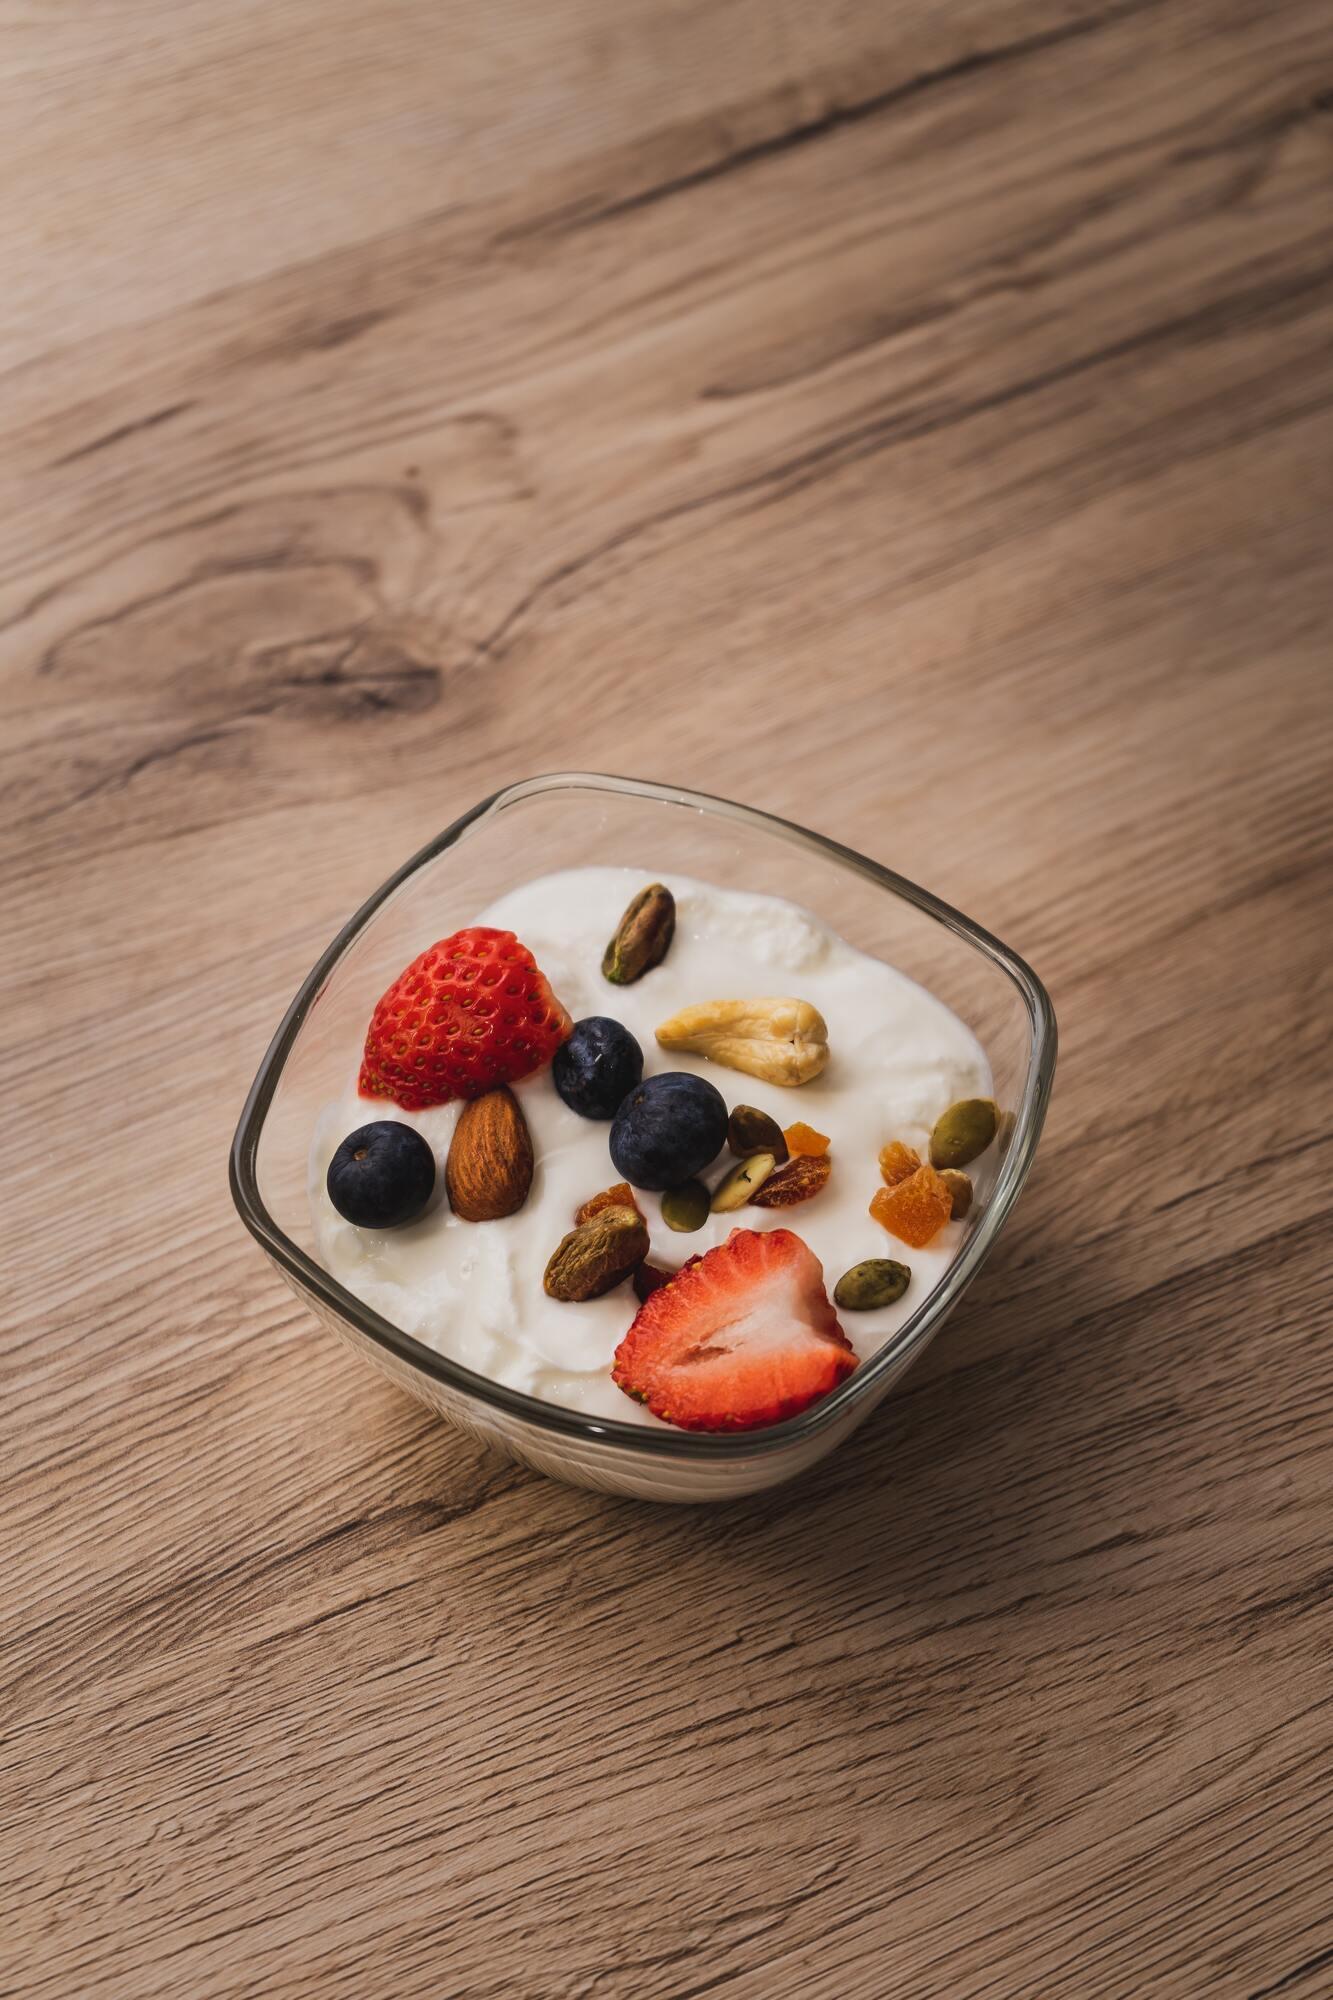 Полезными могут быть только натуральные йогурты